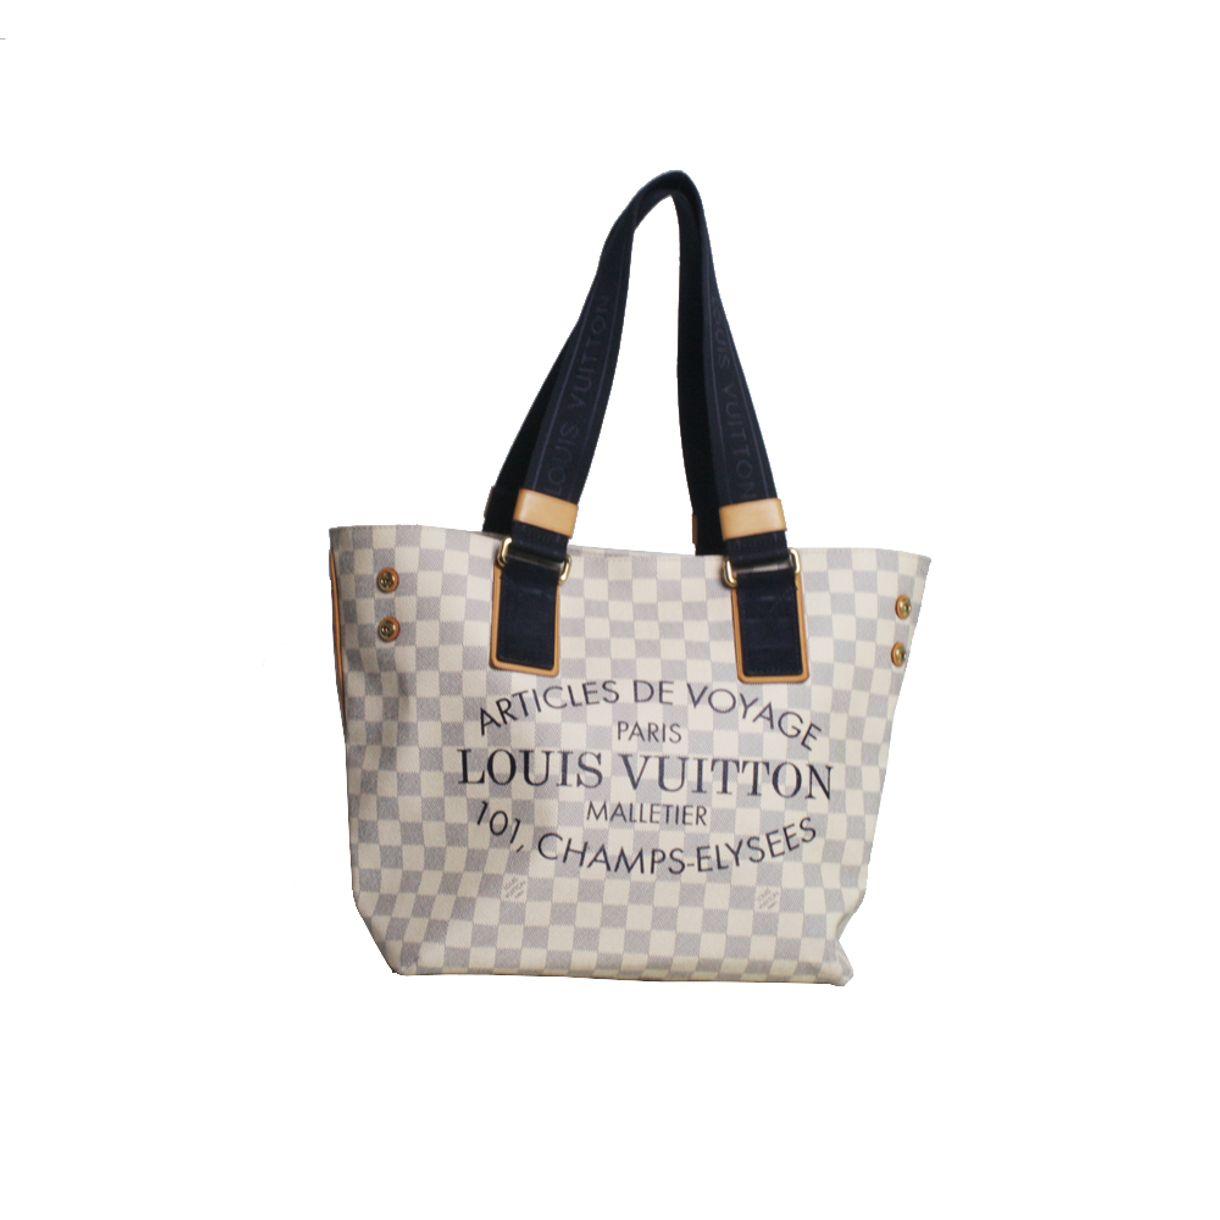 Bolsa-Louis-Vuitton-Damier-Azul-Articles-de-Voyage